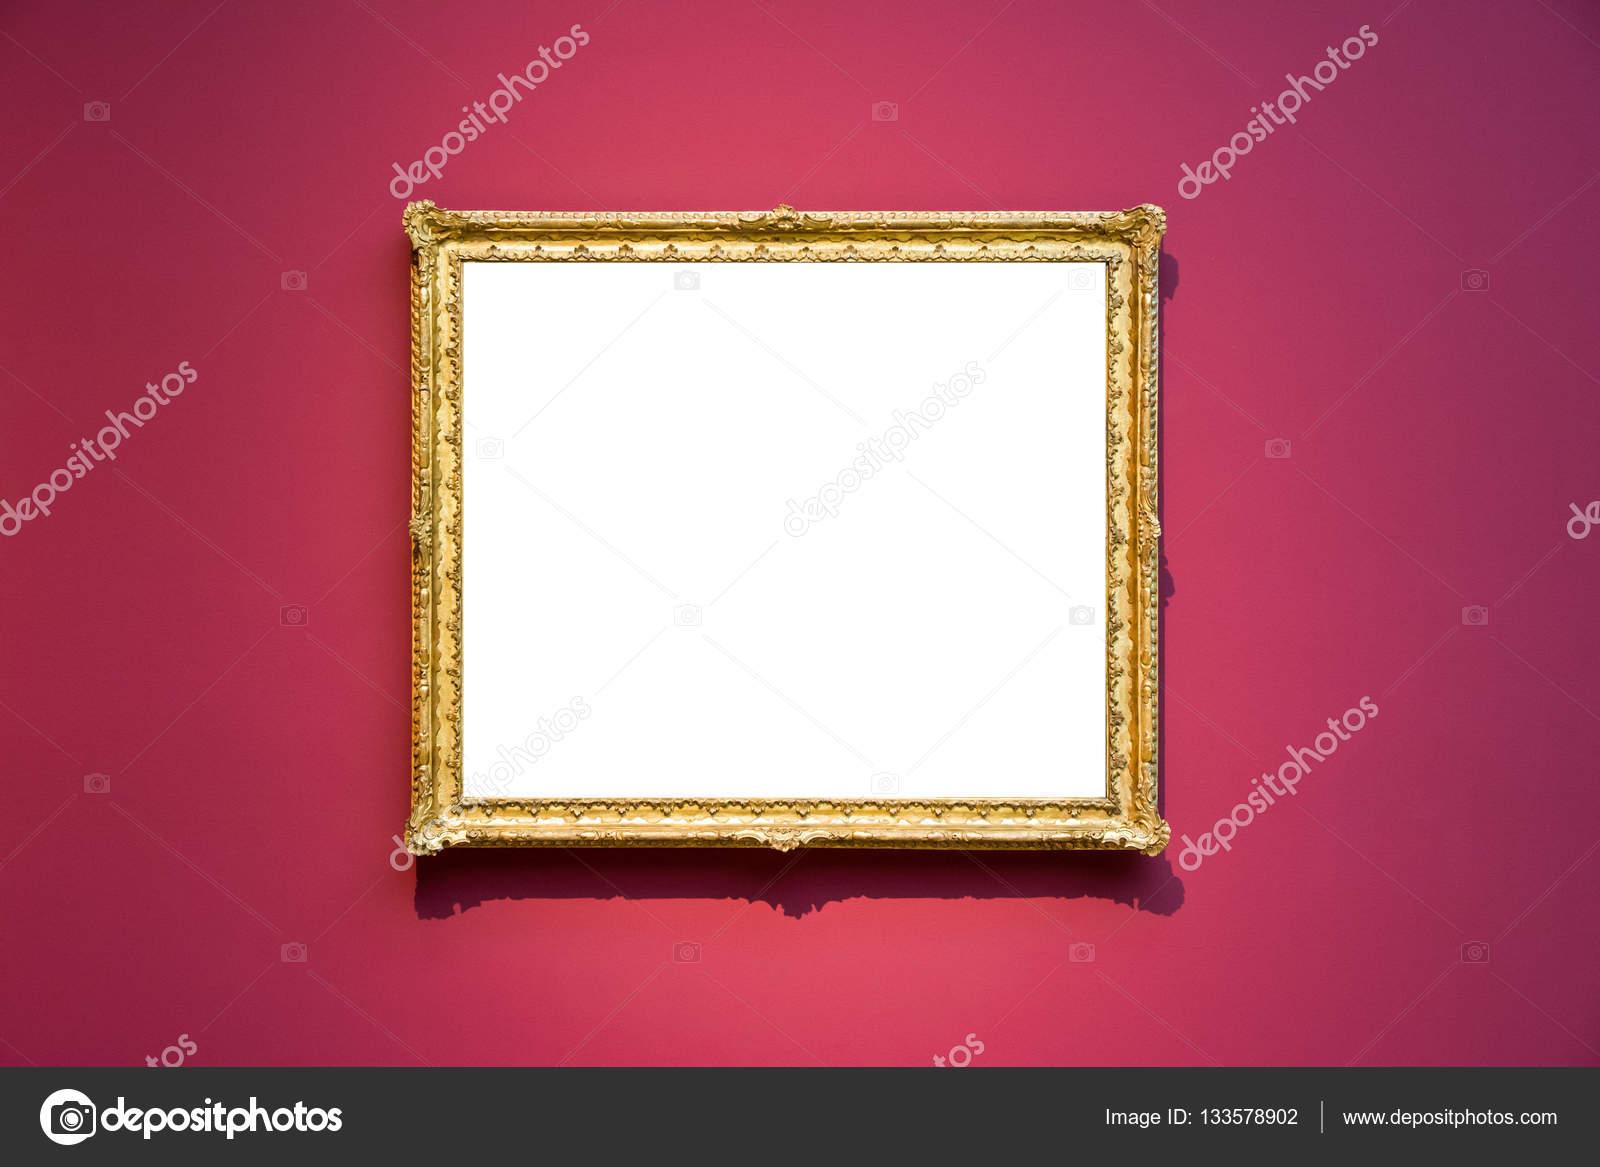 Museo de arte marco pared roja diseño ornamentado blanco aislado ...